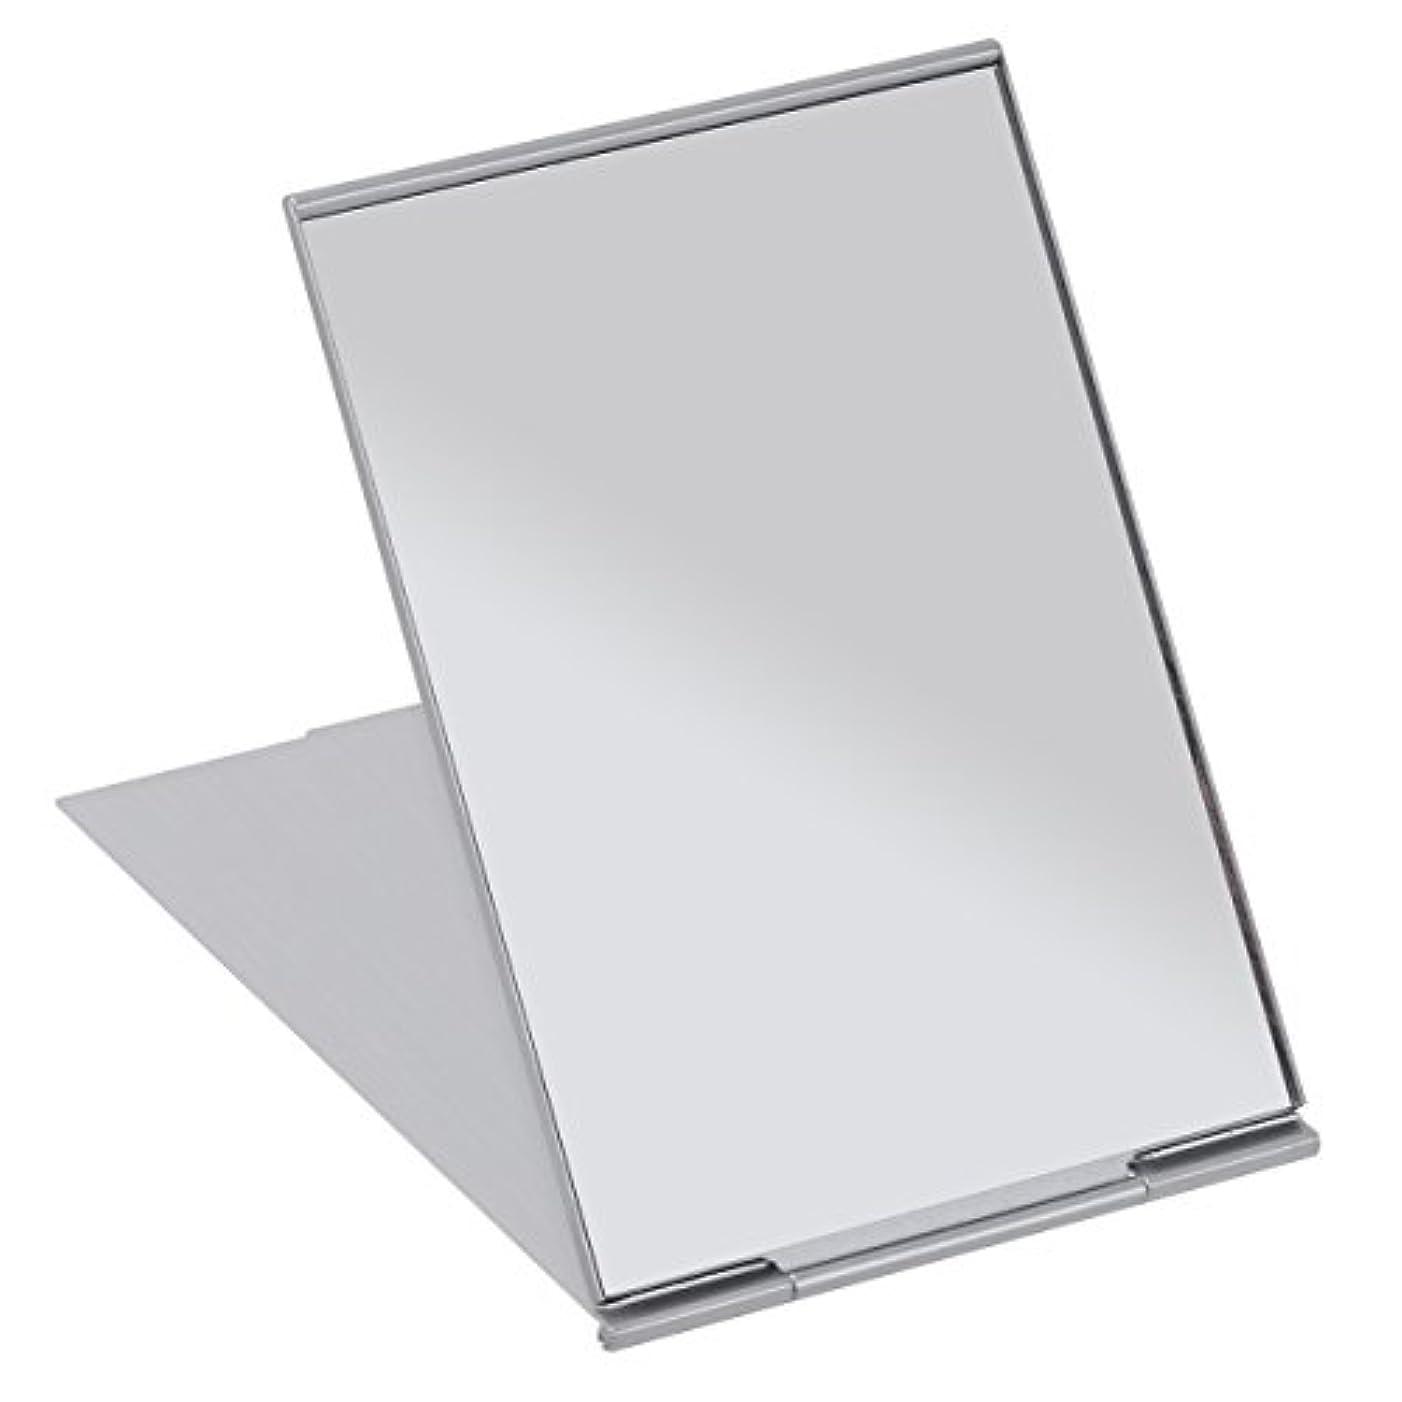 ミス適用済み一杯FRCOLOR 化粧鏡 携帯ミラー 折りたたみミラー 化粧ミラー コンパクトミラー 11.5*8cm 持ち運びに便利 (シルバー)